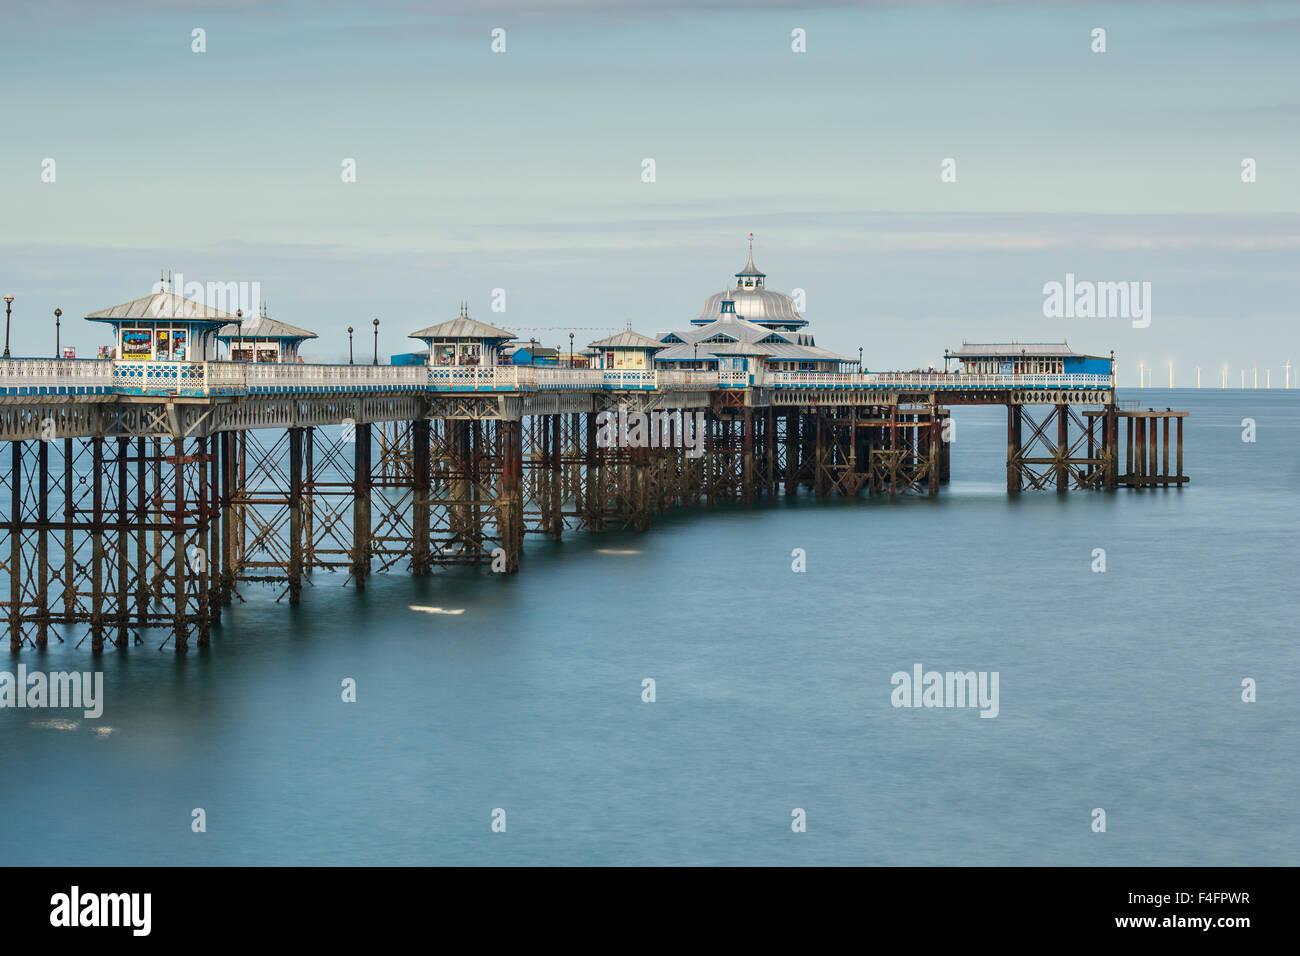 Llandudno Pier, Clwyd, Conwy, North Wales - Stock Image